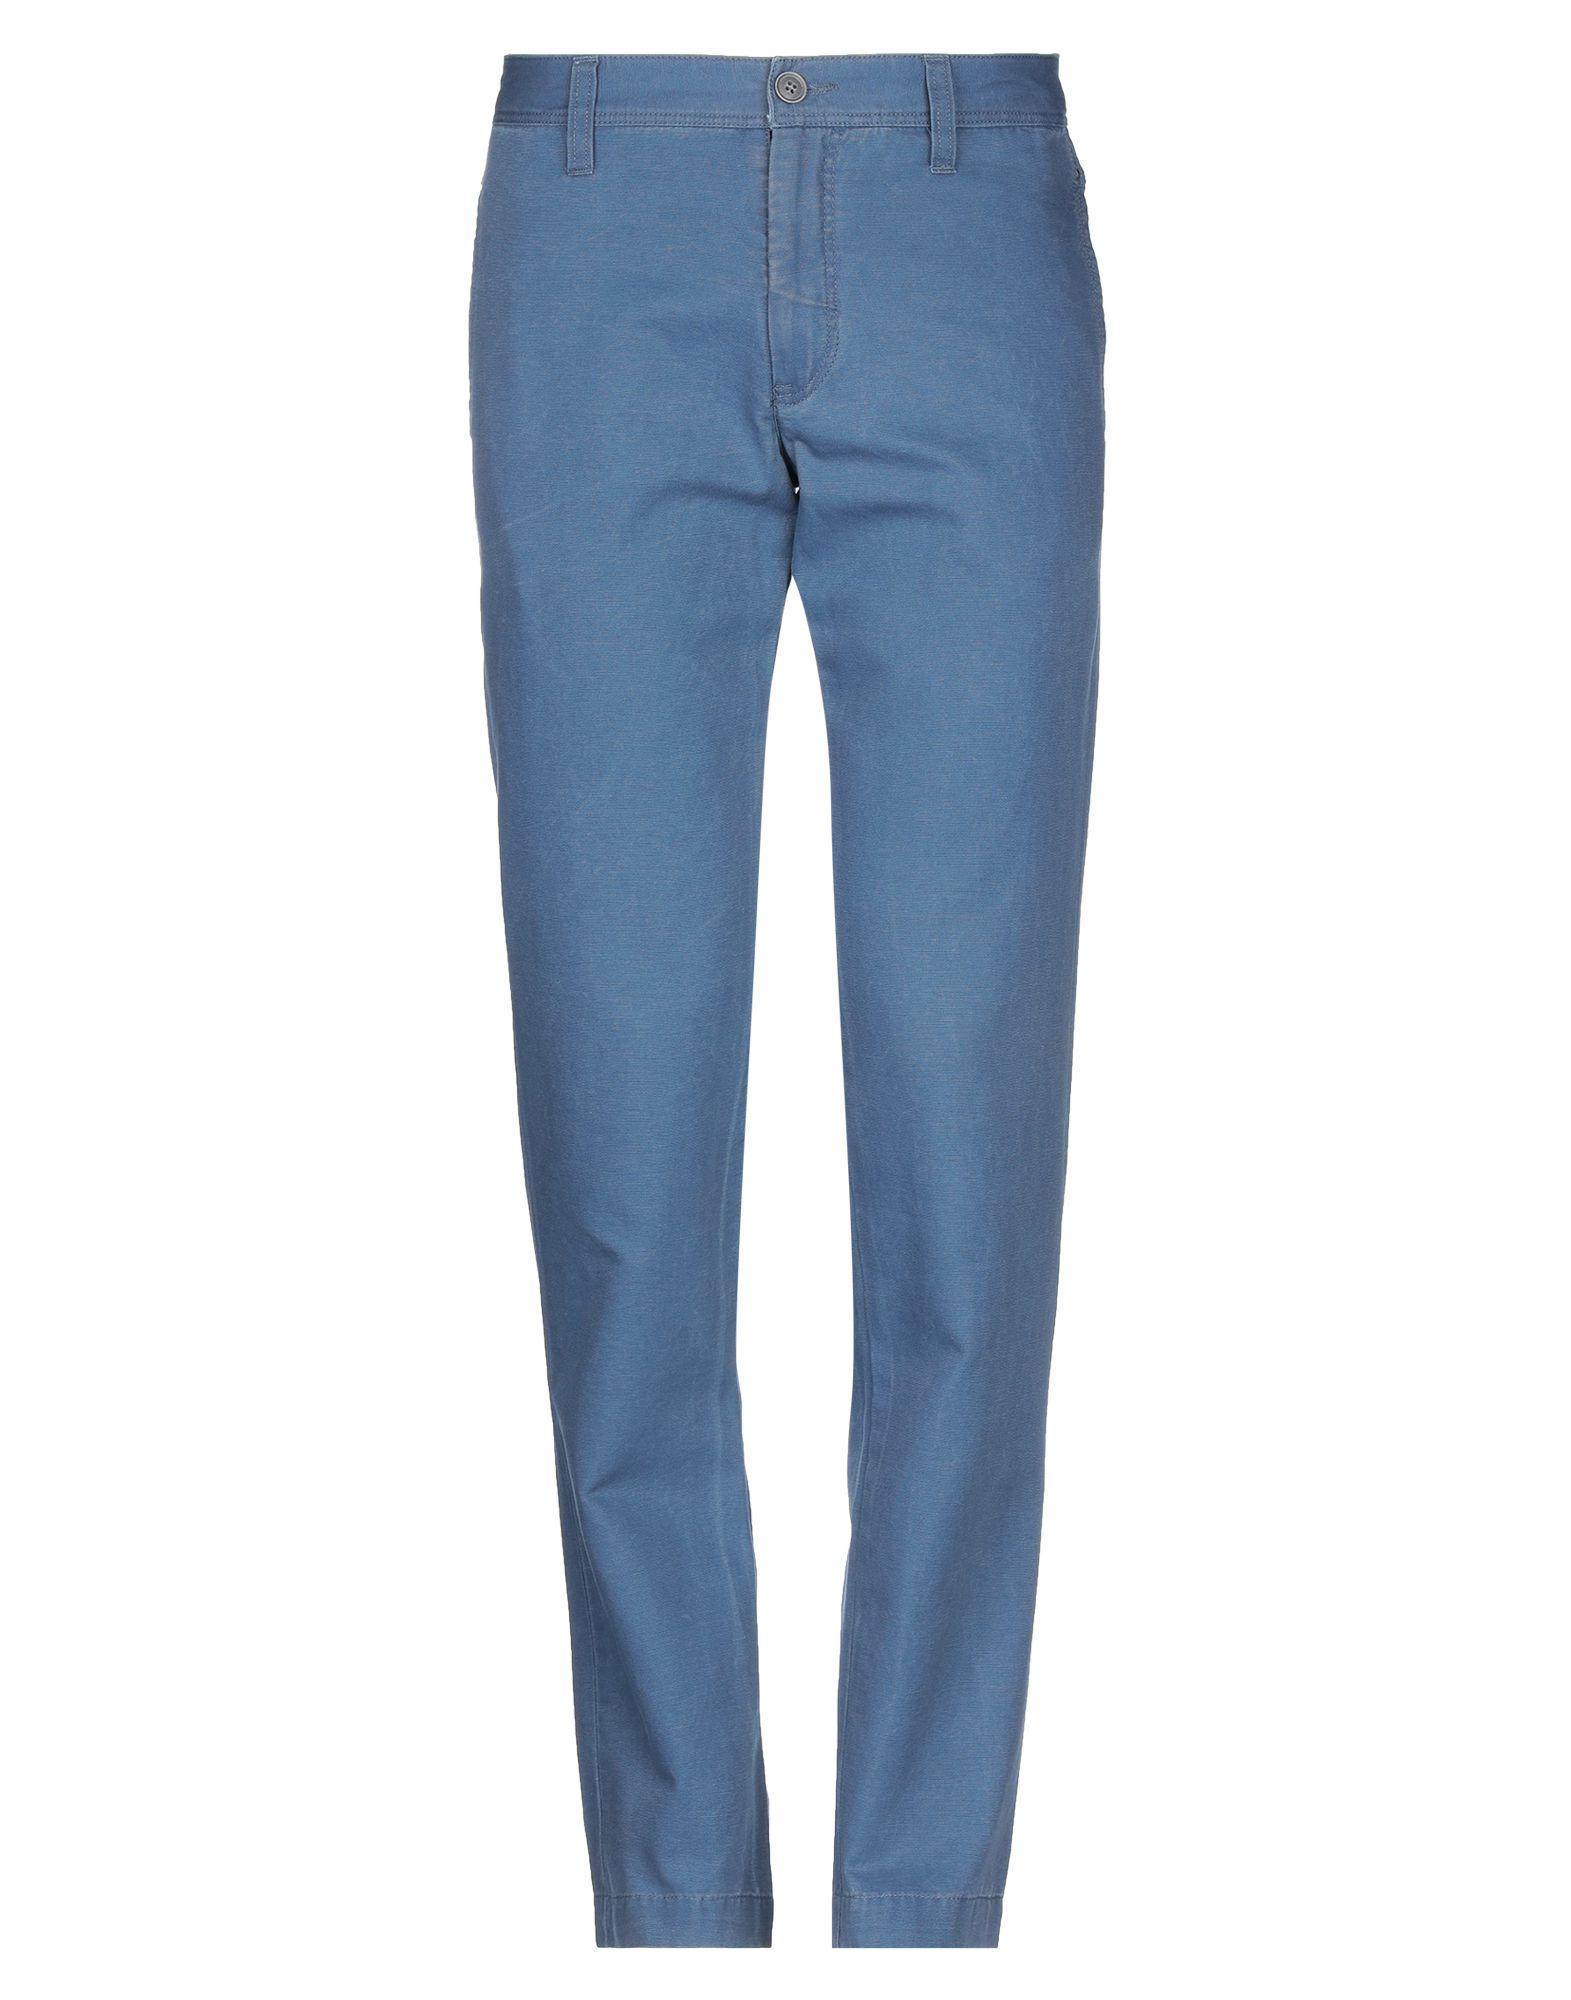 《セール開催中》BERRY & BRIAN メンズ パンツ パステルブルー 48 コットン 100%